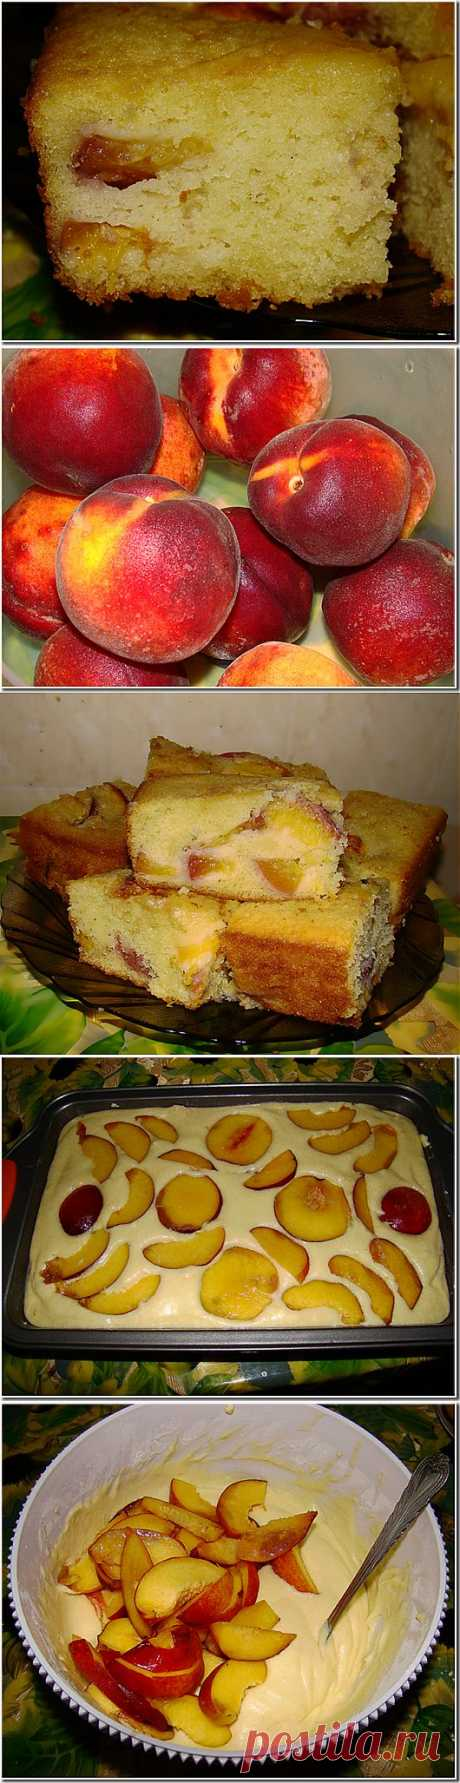 Вкусный персиковый пирог | One of Lady - Журнал для женщин